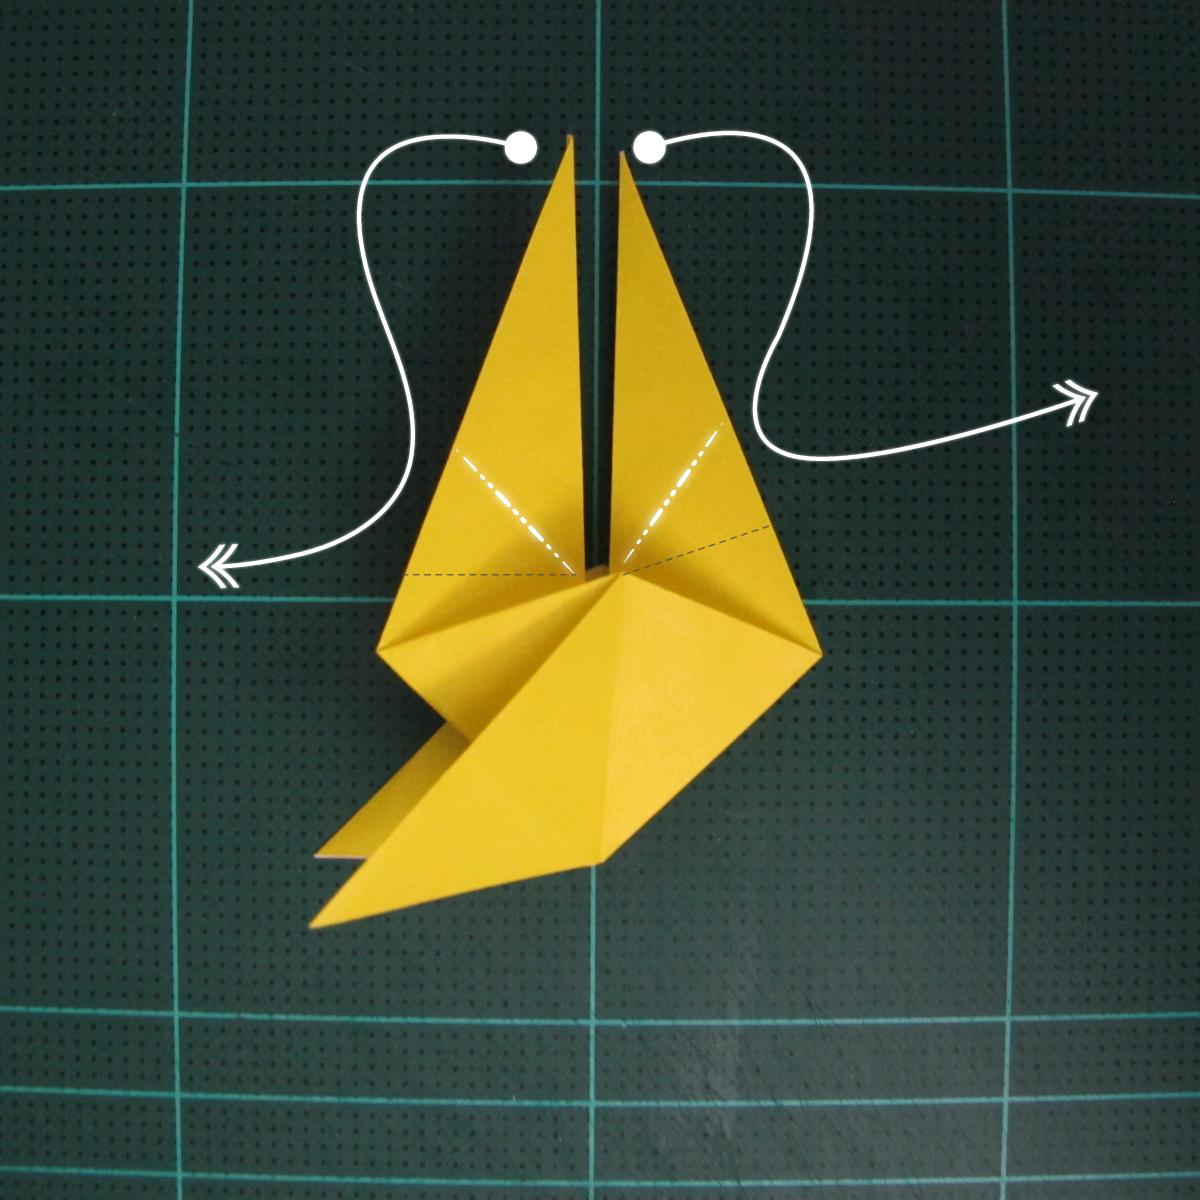 การพับกระดาษเป็นรูปไก่ (Origami Rooster) 006